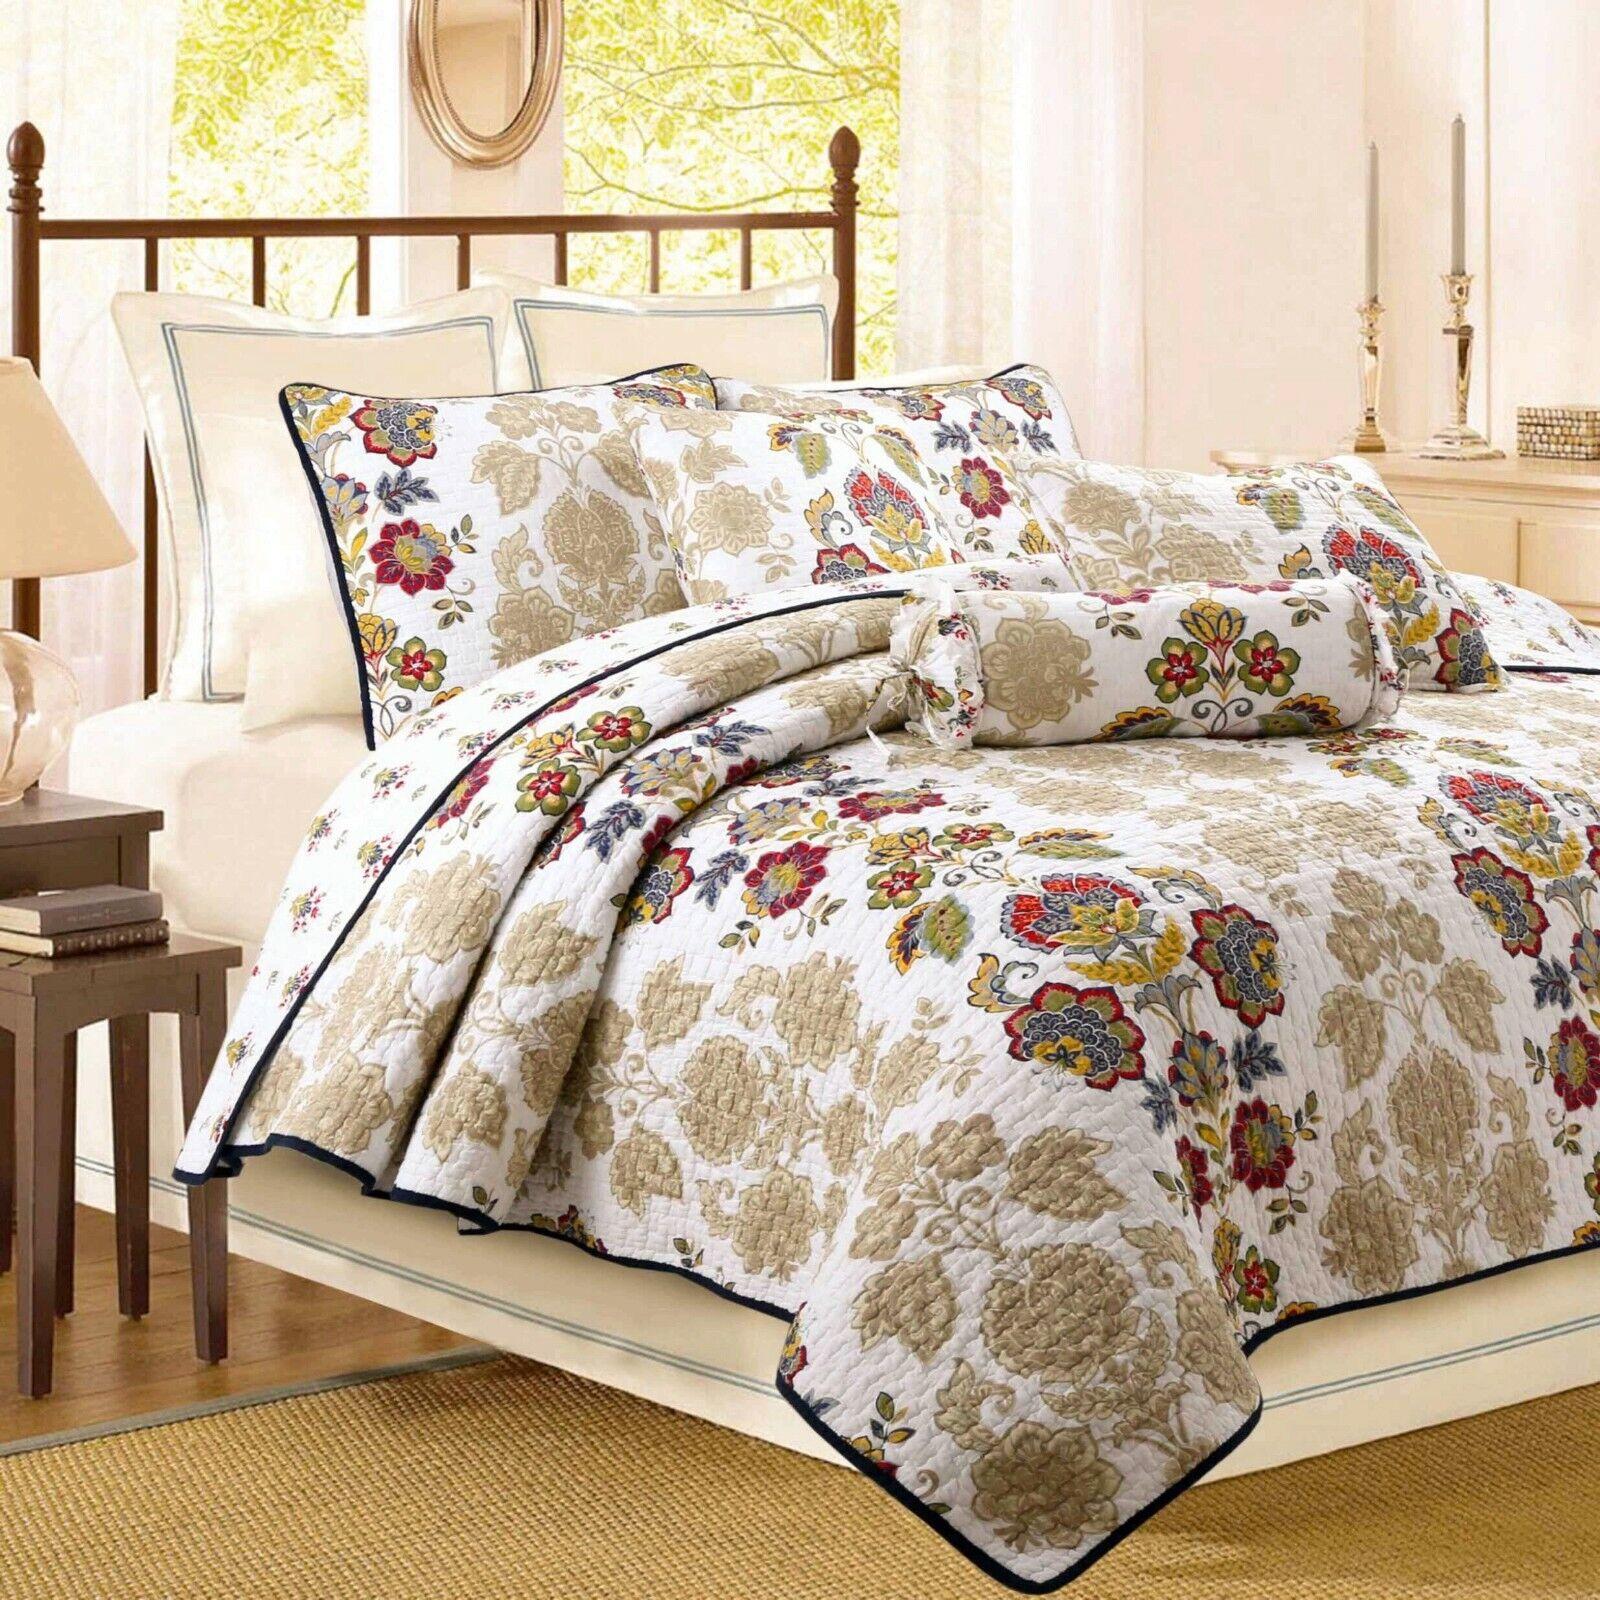 Moraga Vintage Reversible Cotton Quilt Set, Bedspreads, Coverlet